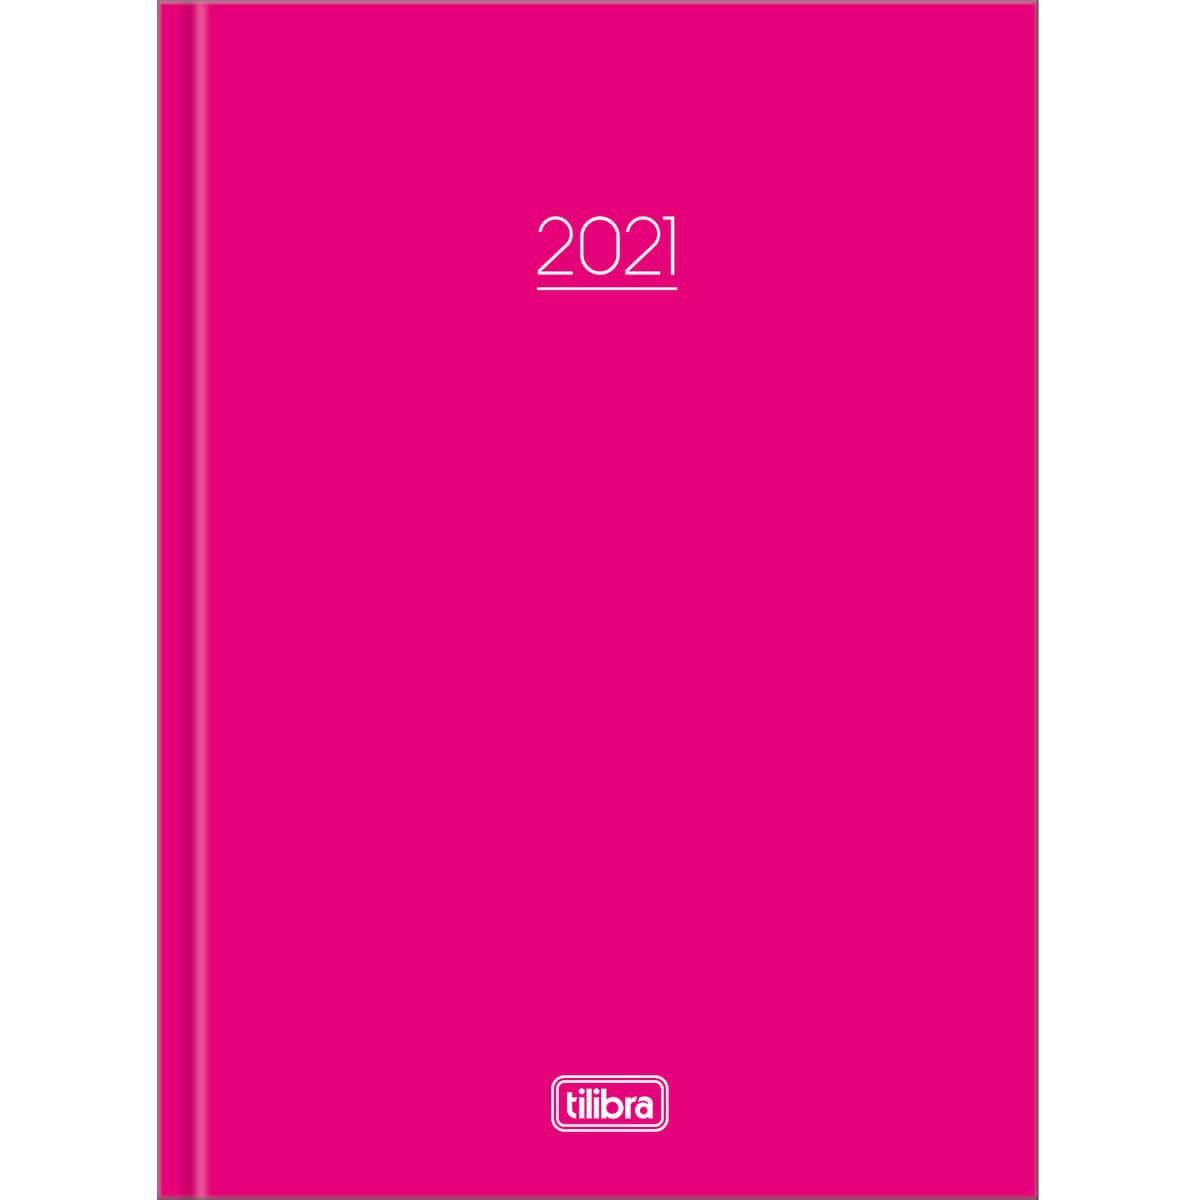 Agenda Costurada Diária Pepper Rosa 2021